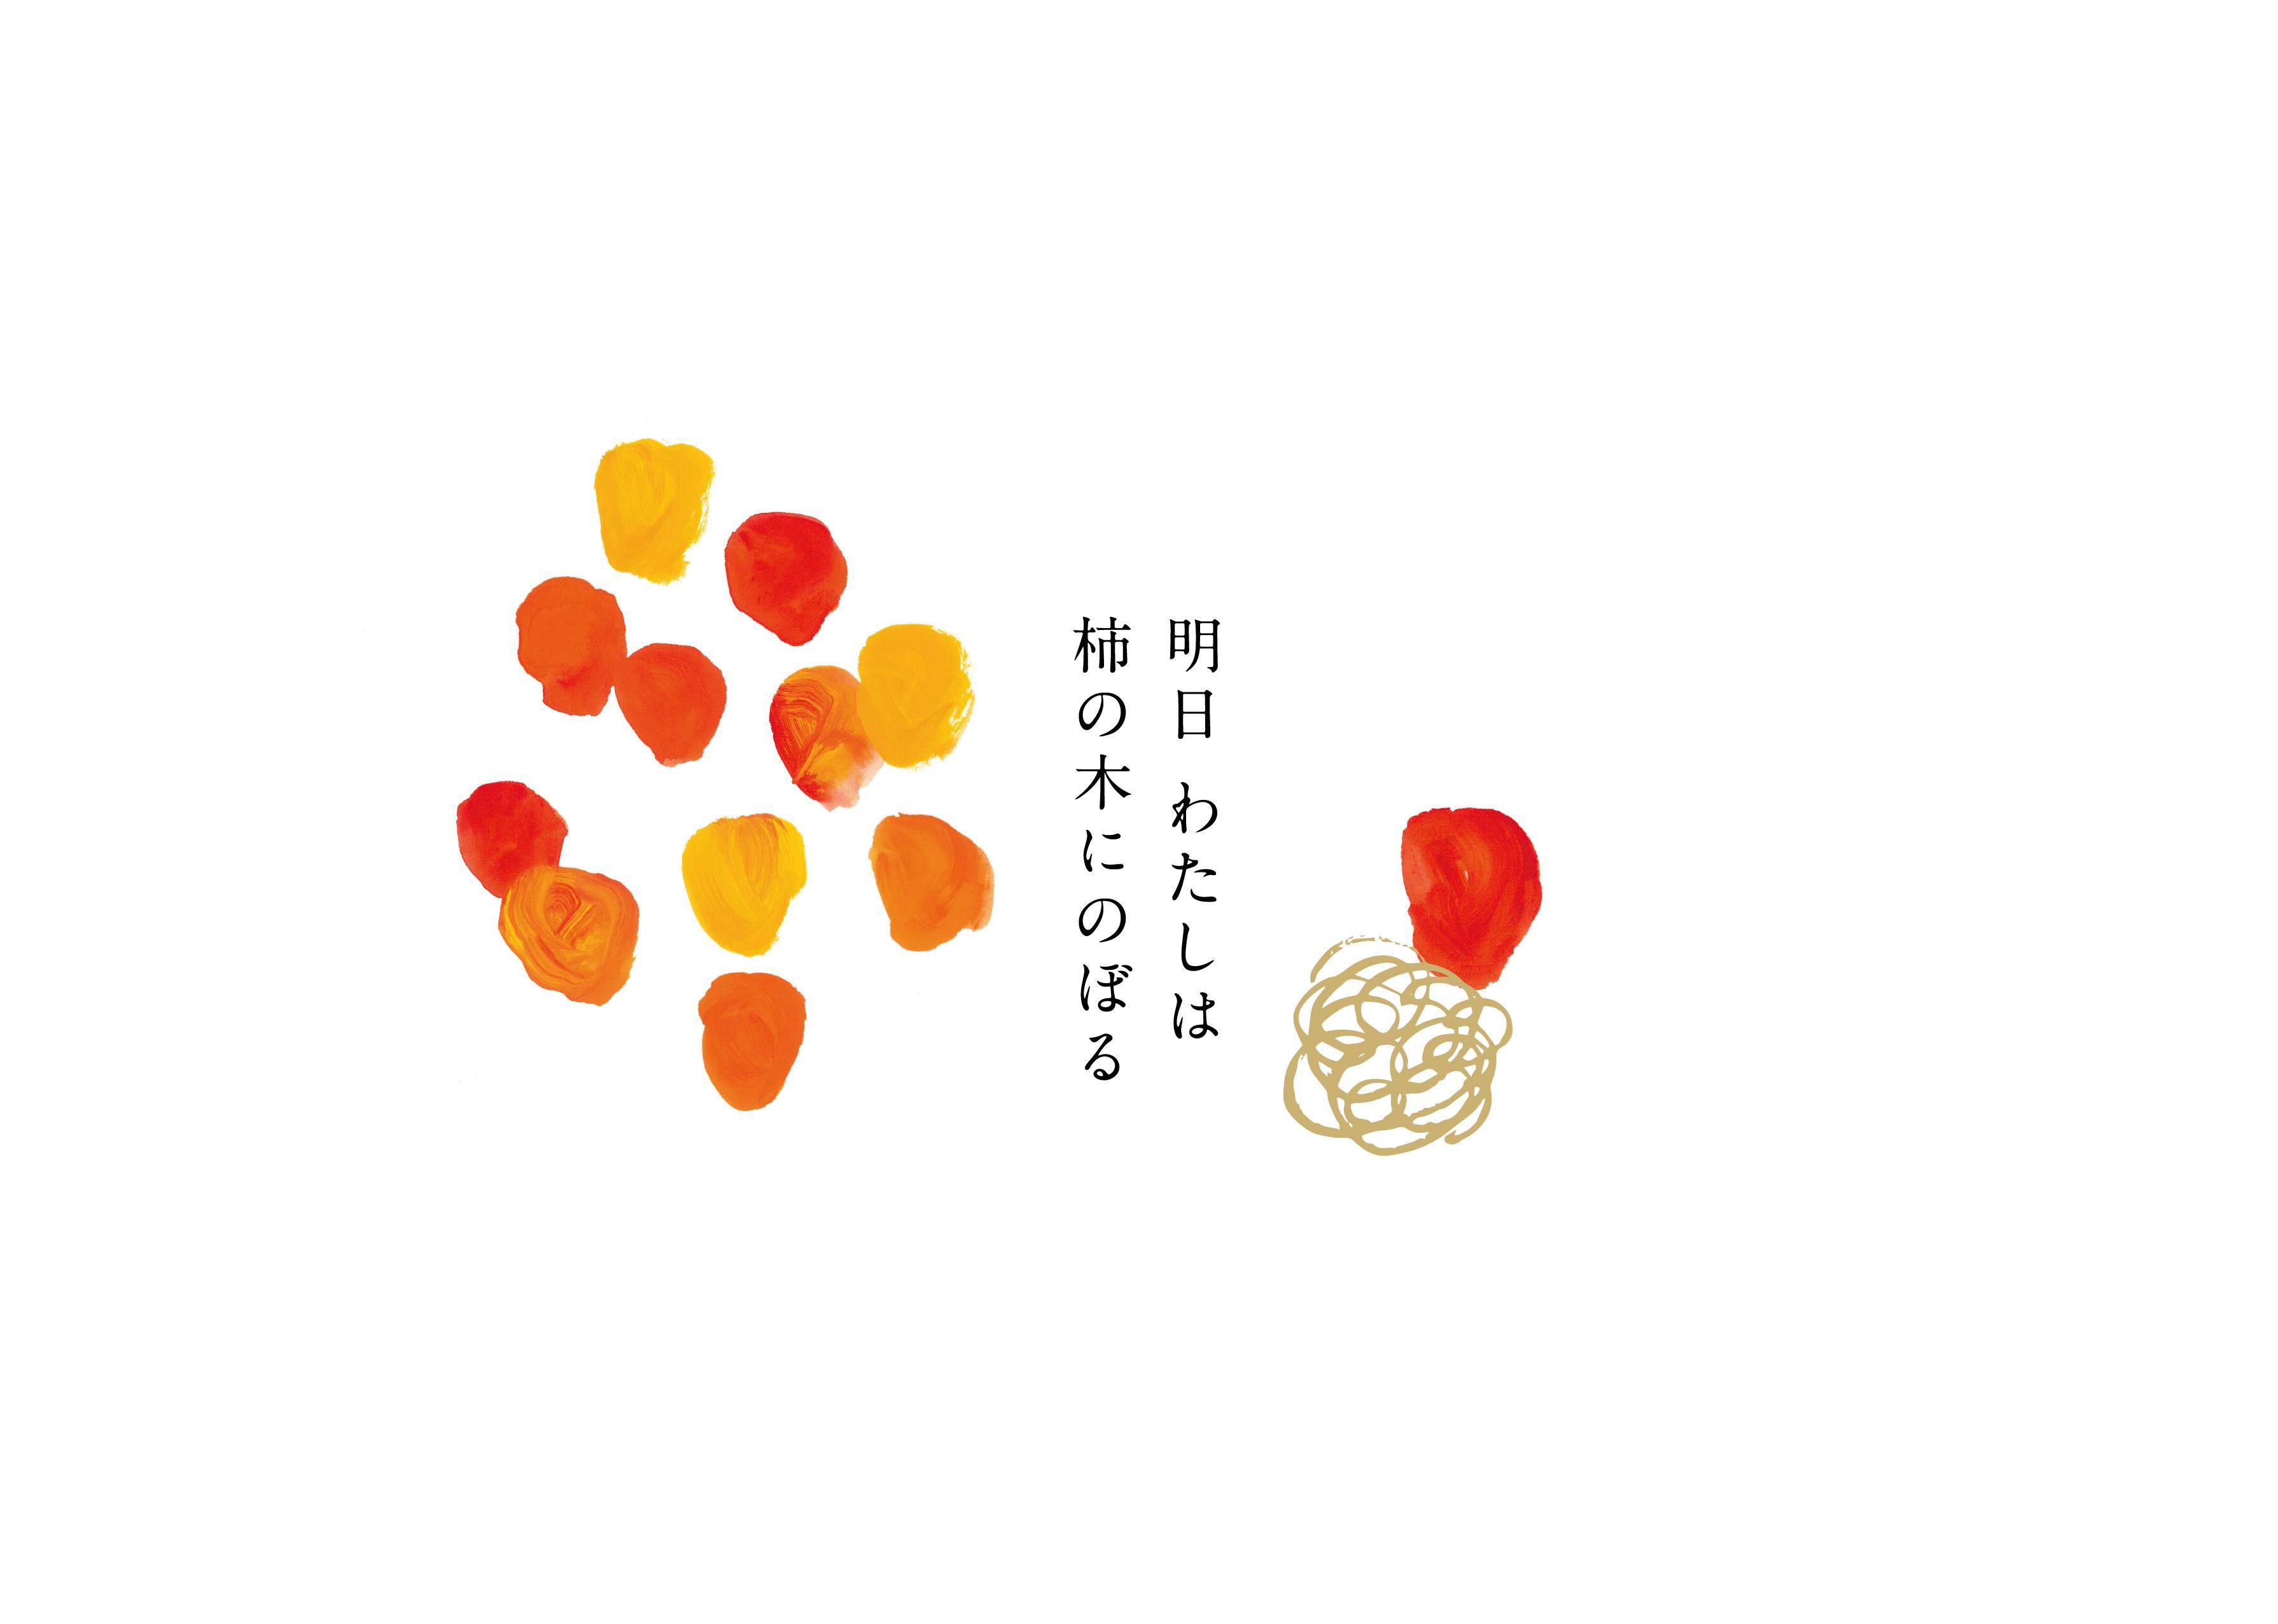 【自由テーマ】明日 わたしは柿の木にのぼる